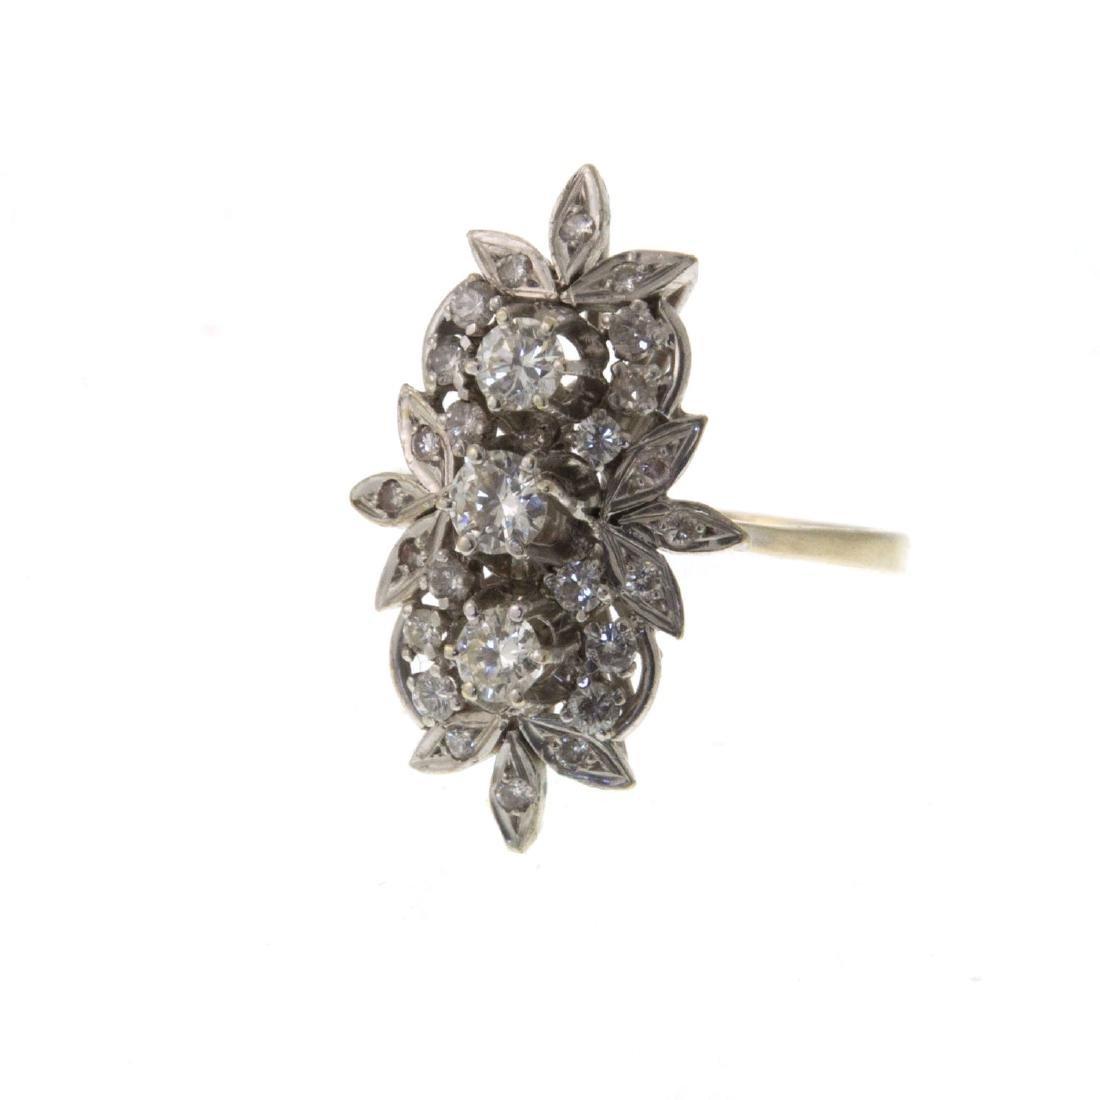 Impressive 14k White Gold 1.08ct Diamond Ring. - 3